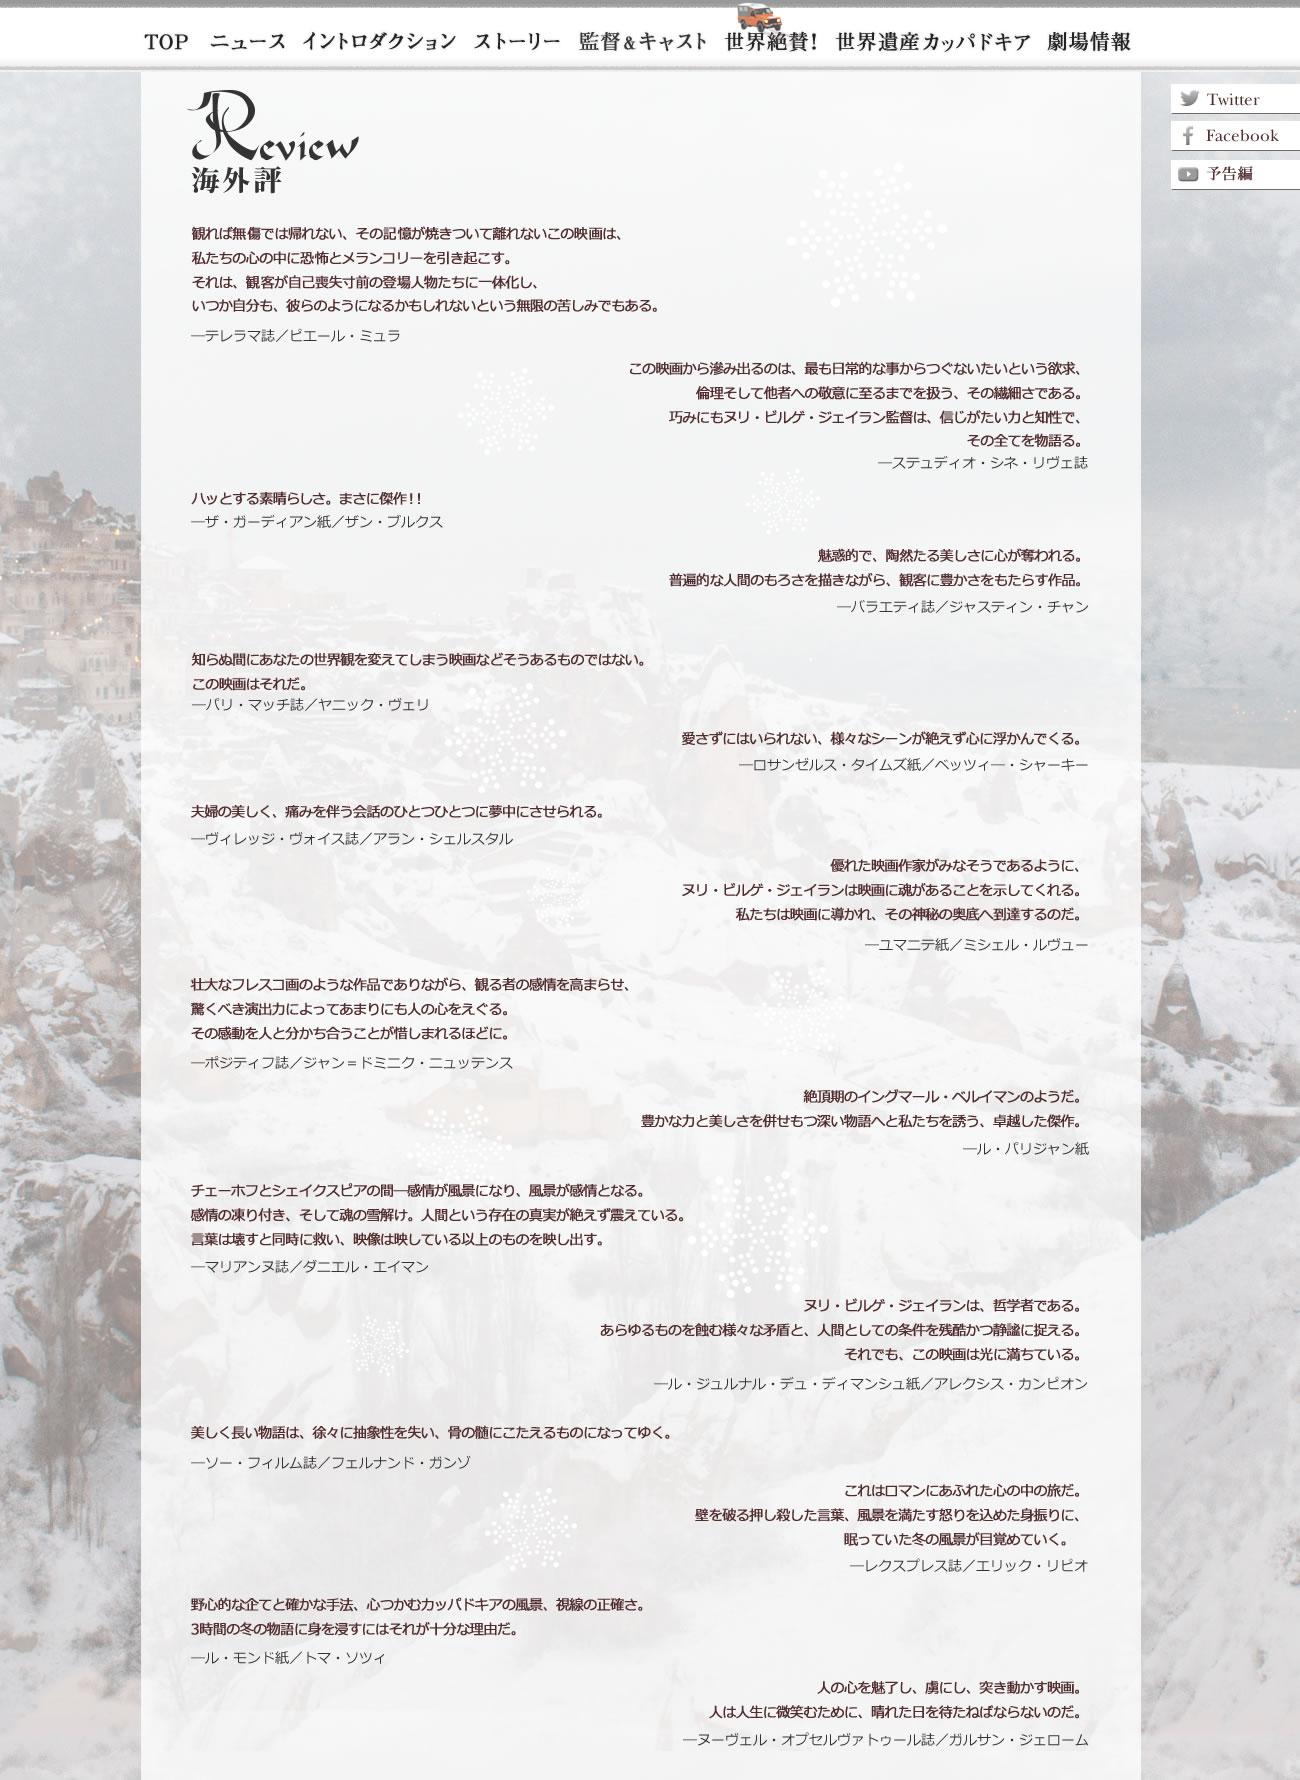 パルム・ドール受賞!映画『雪の轍』公式サイト 海外評